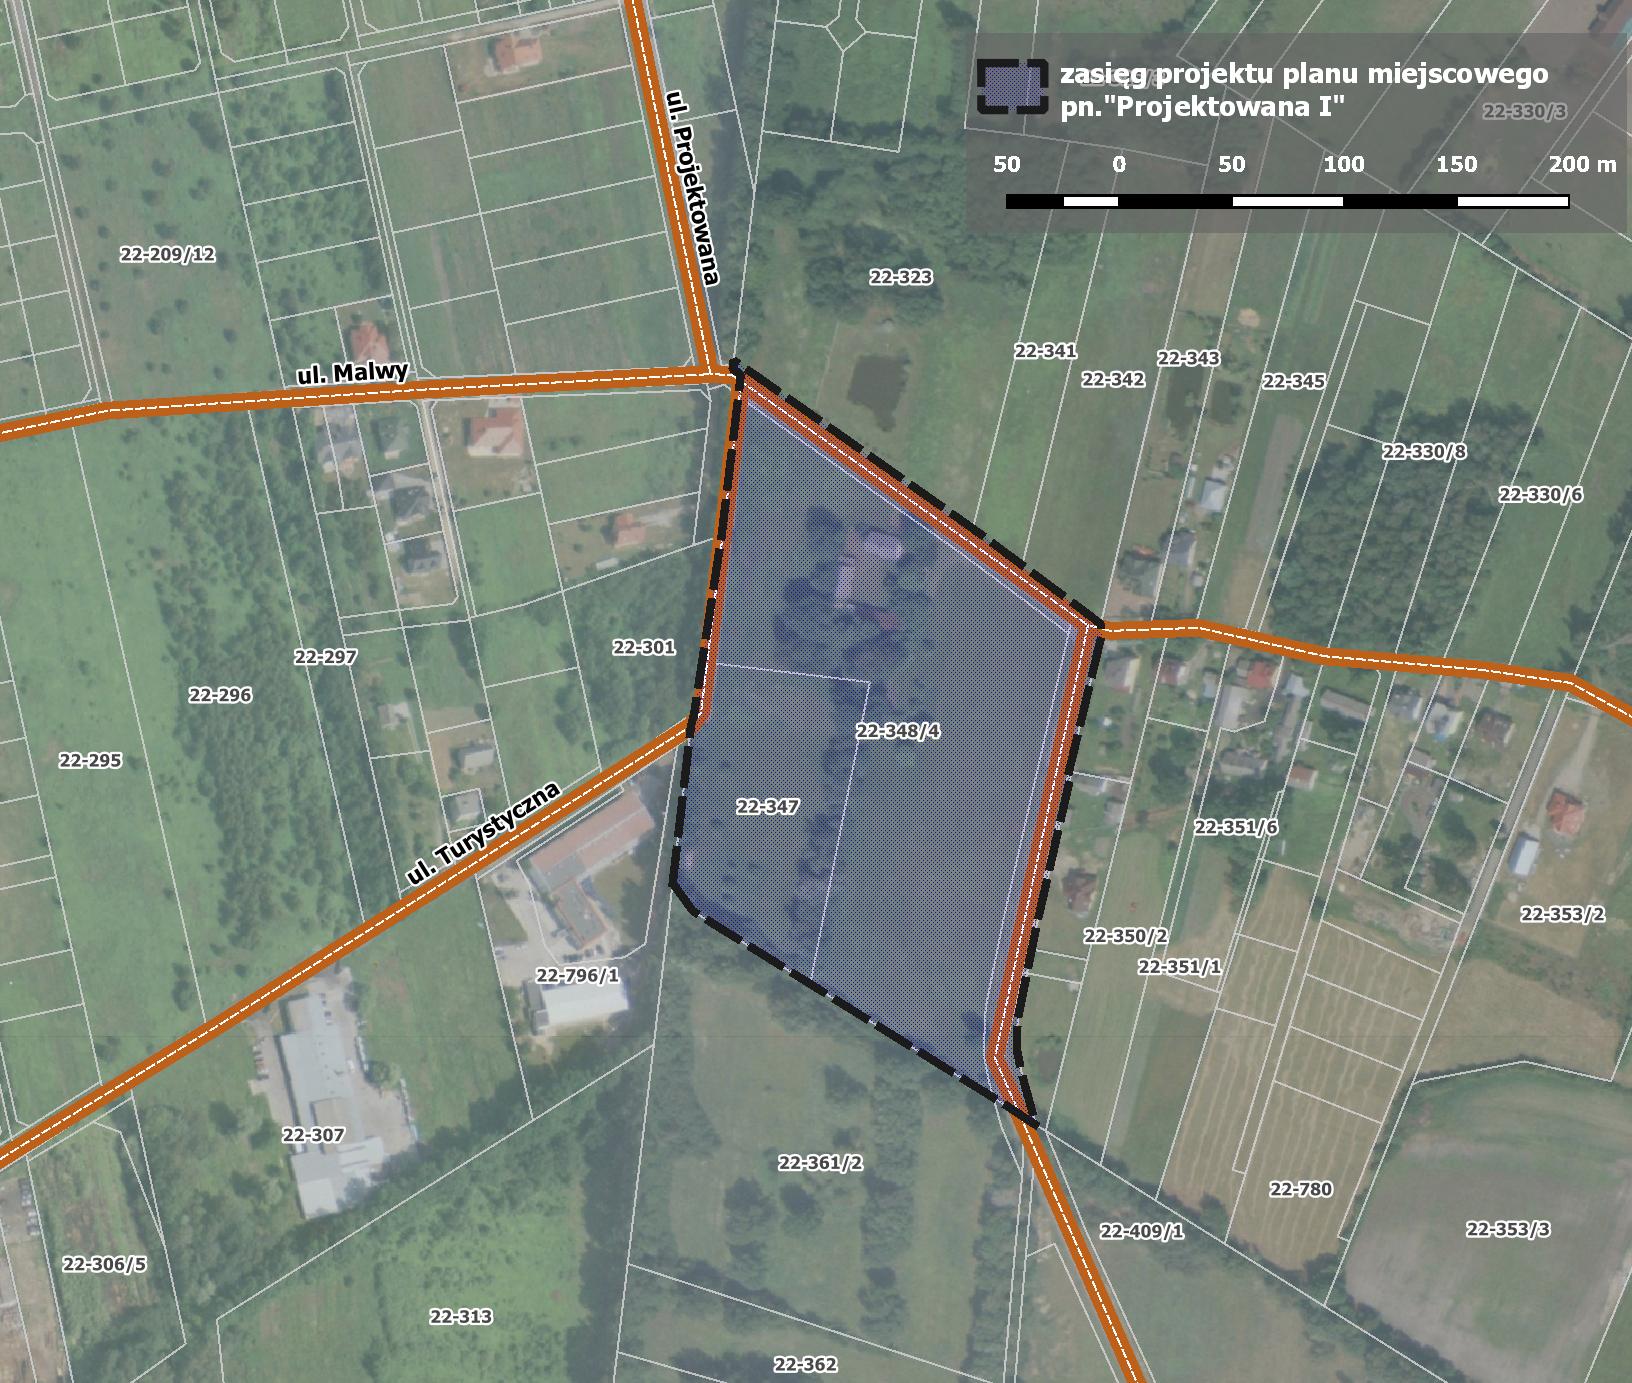 Mapa z zakresem nowego miejscowego planu zagospodarowania przestrzennego dla obszaru Projektowana